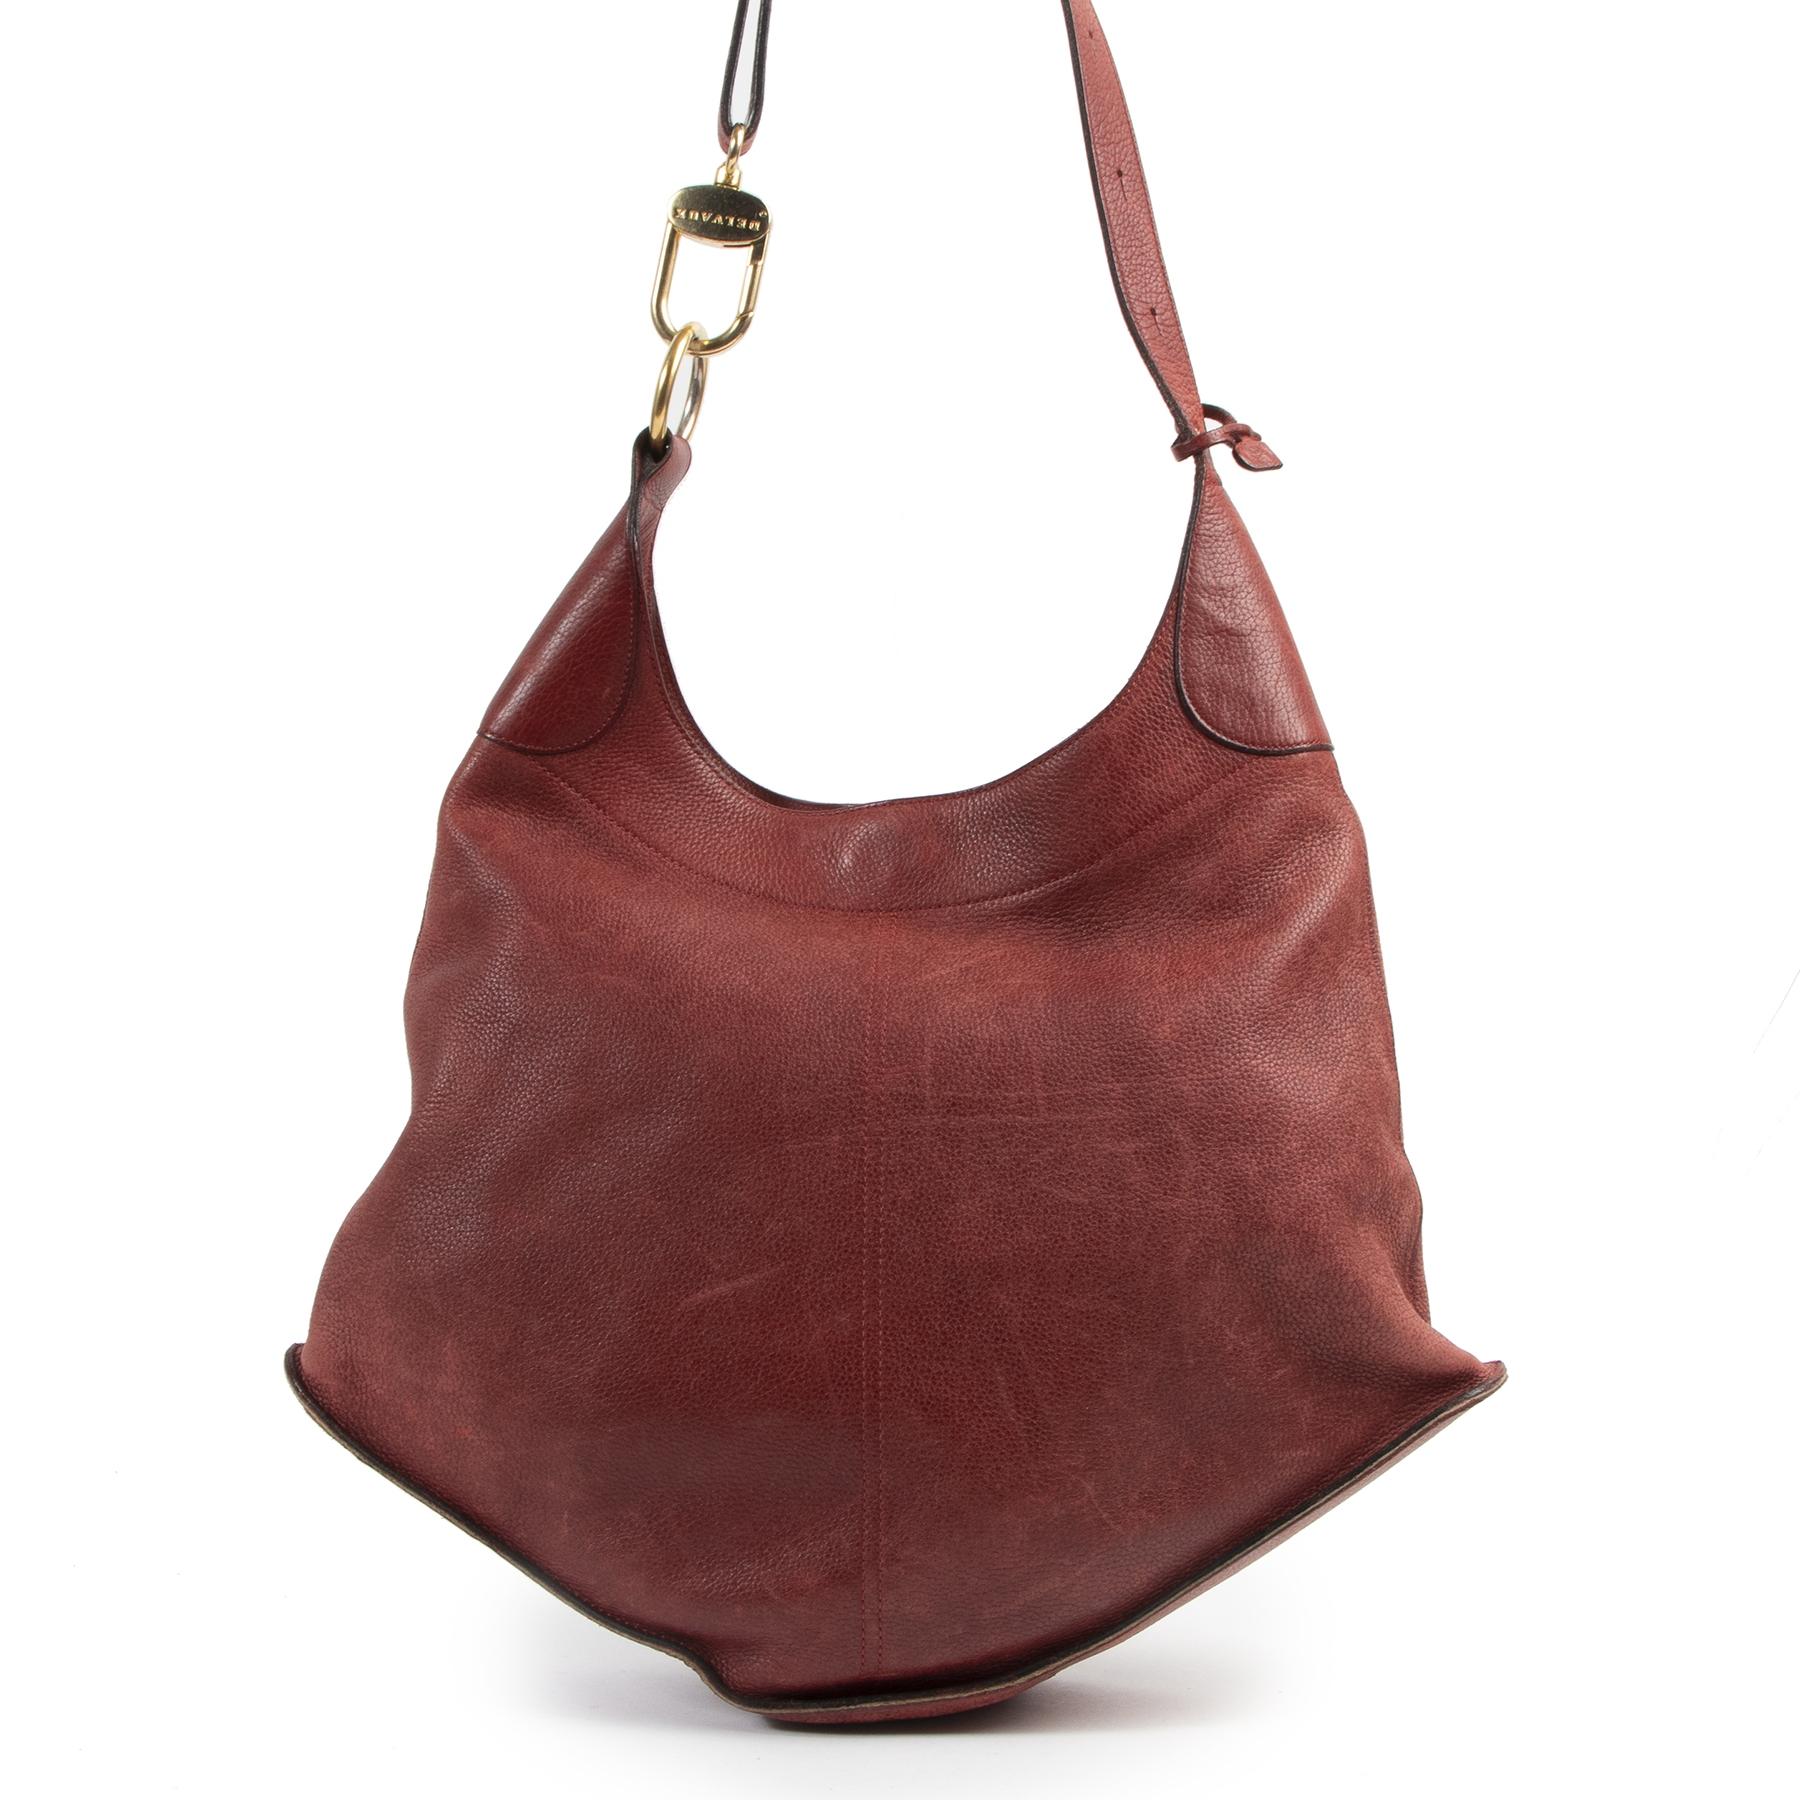 Authentieke Tweedehands Delvaux Red Leather Shoulder Bag juiste prijs veilig online shoppen luxe merken webshop winkelen Antwerpen België mode fashion